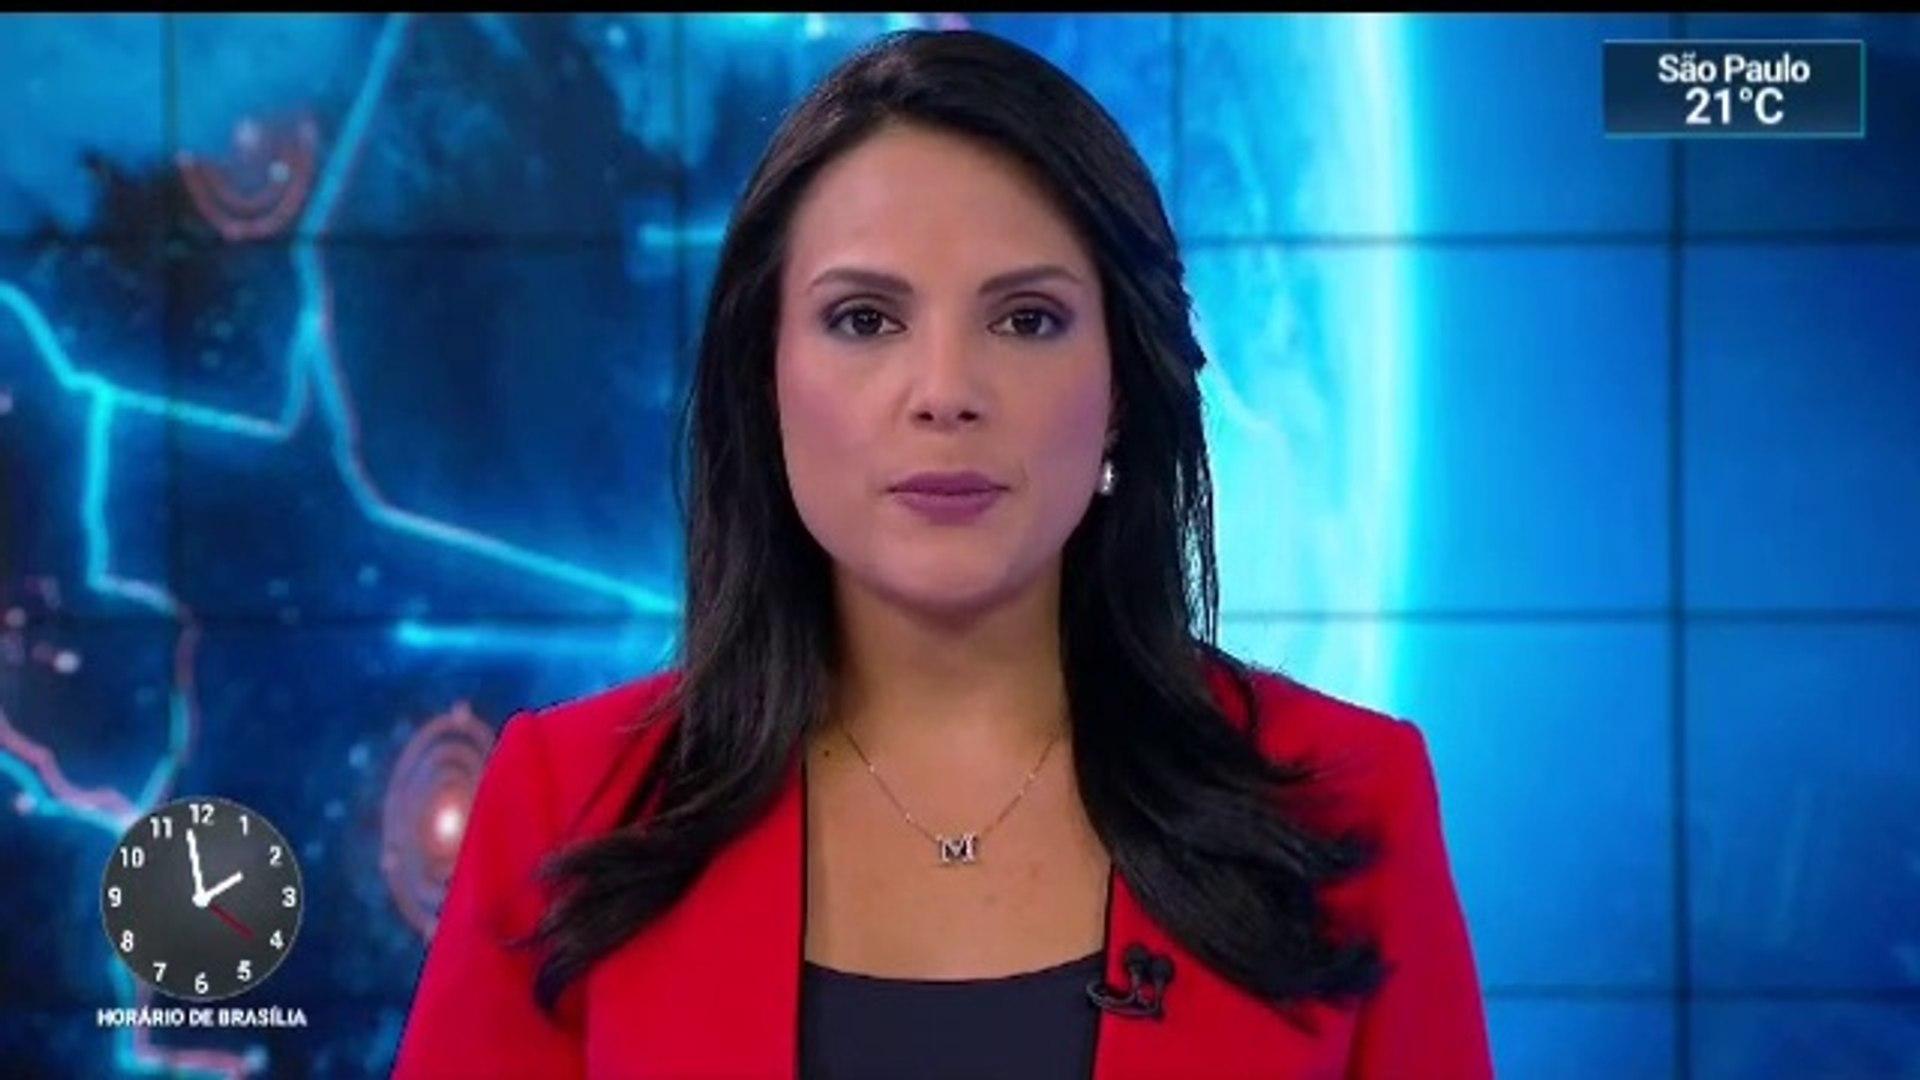 Chamada destaques do SBT Notícias com Márcia Dantas (11/05/2019) (01h59)